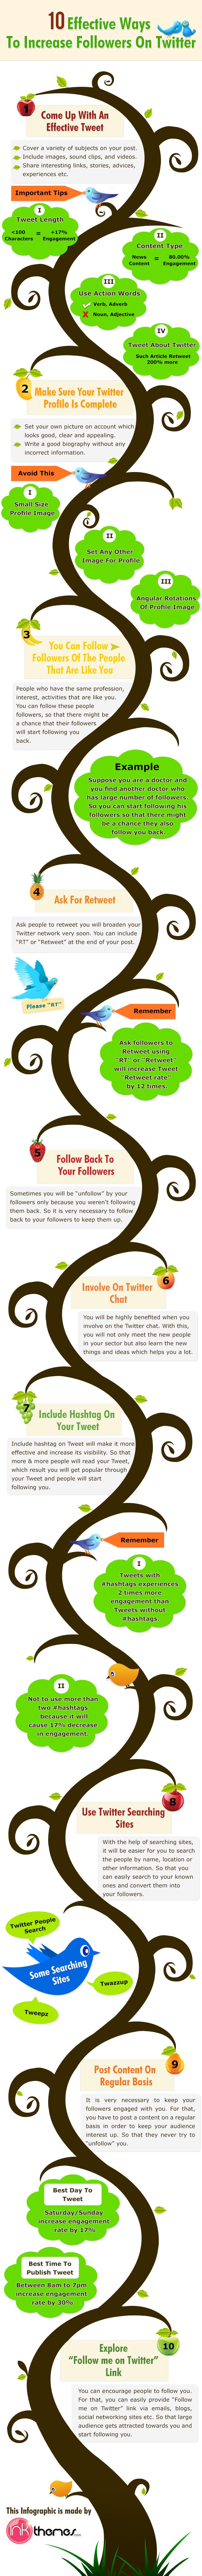 10 Wege für mehr Twitter-Follower